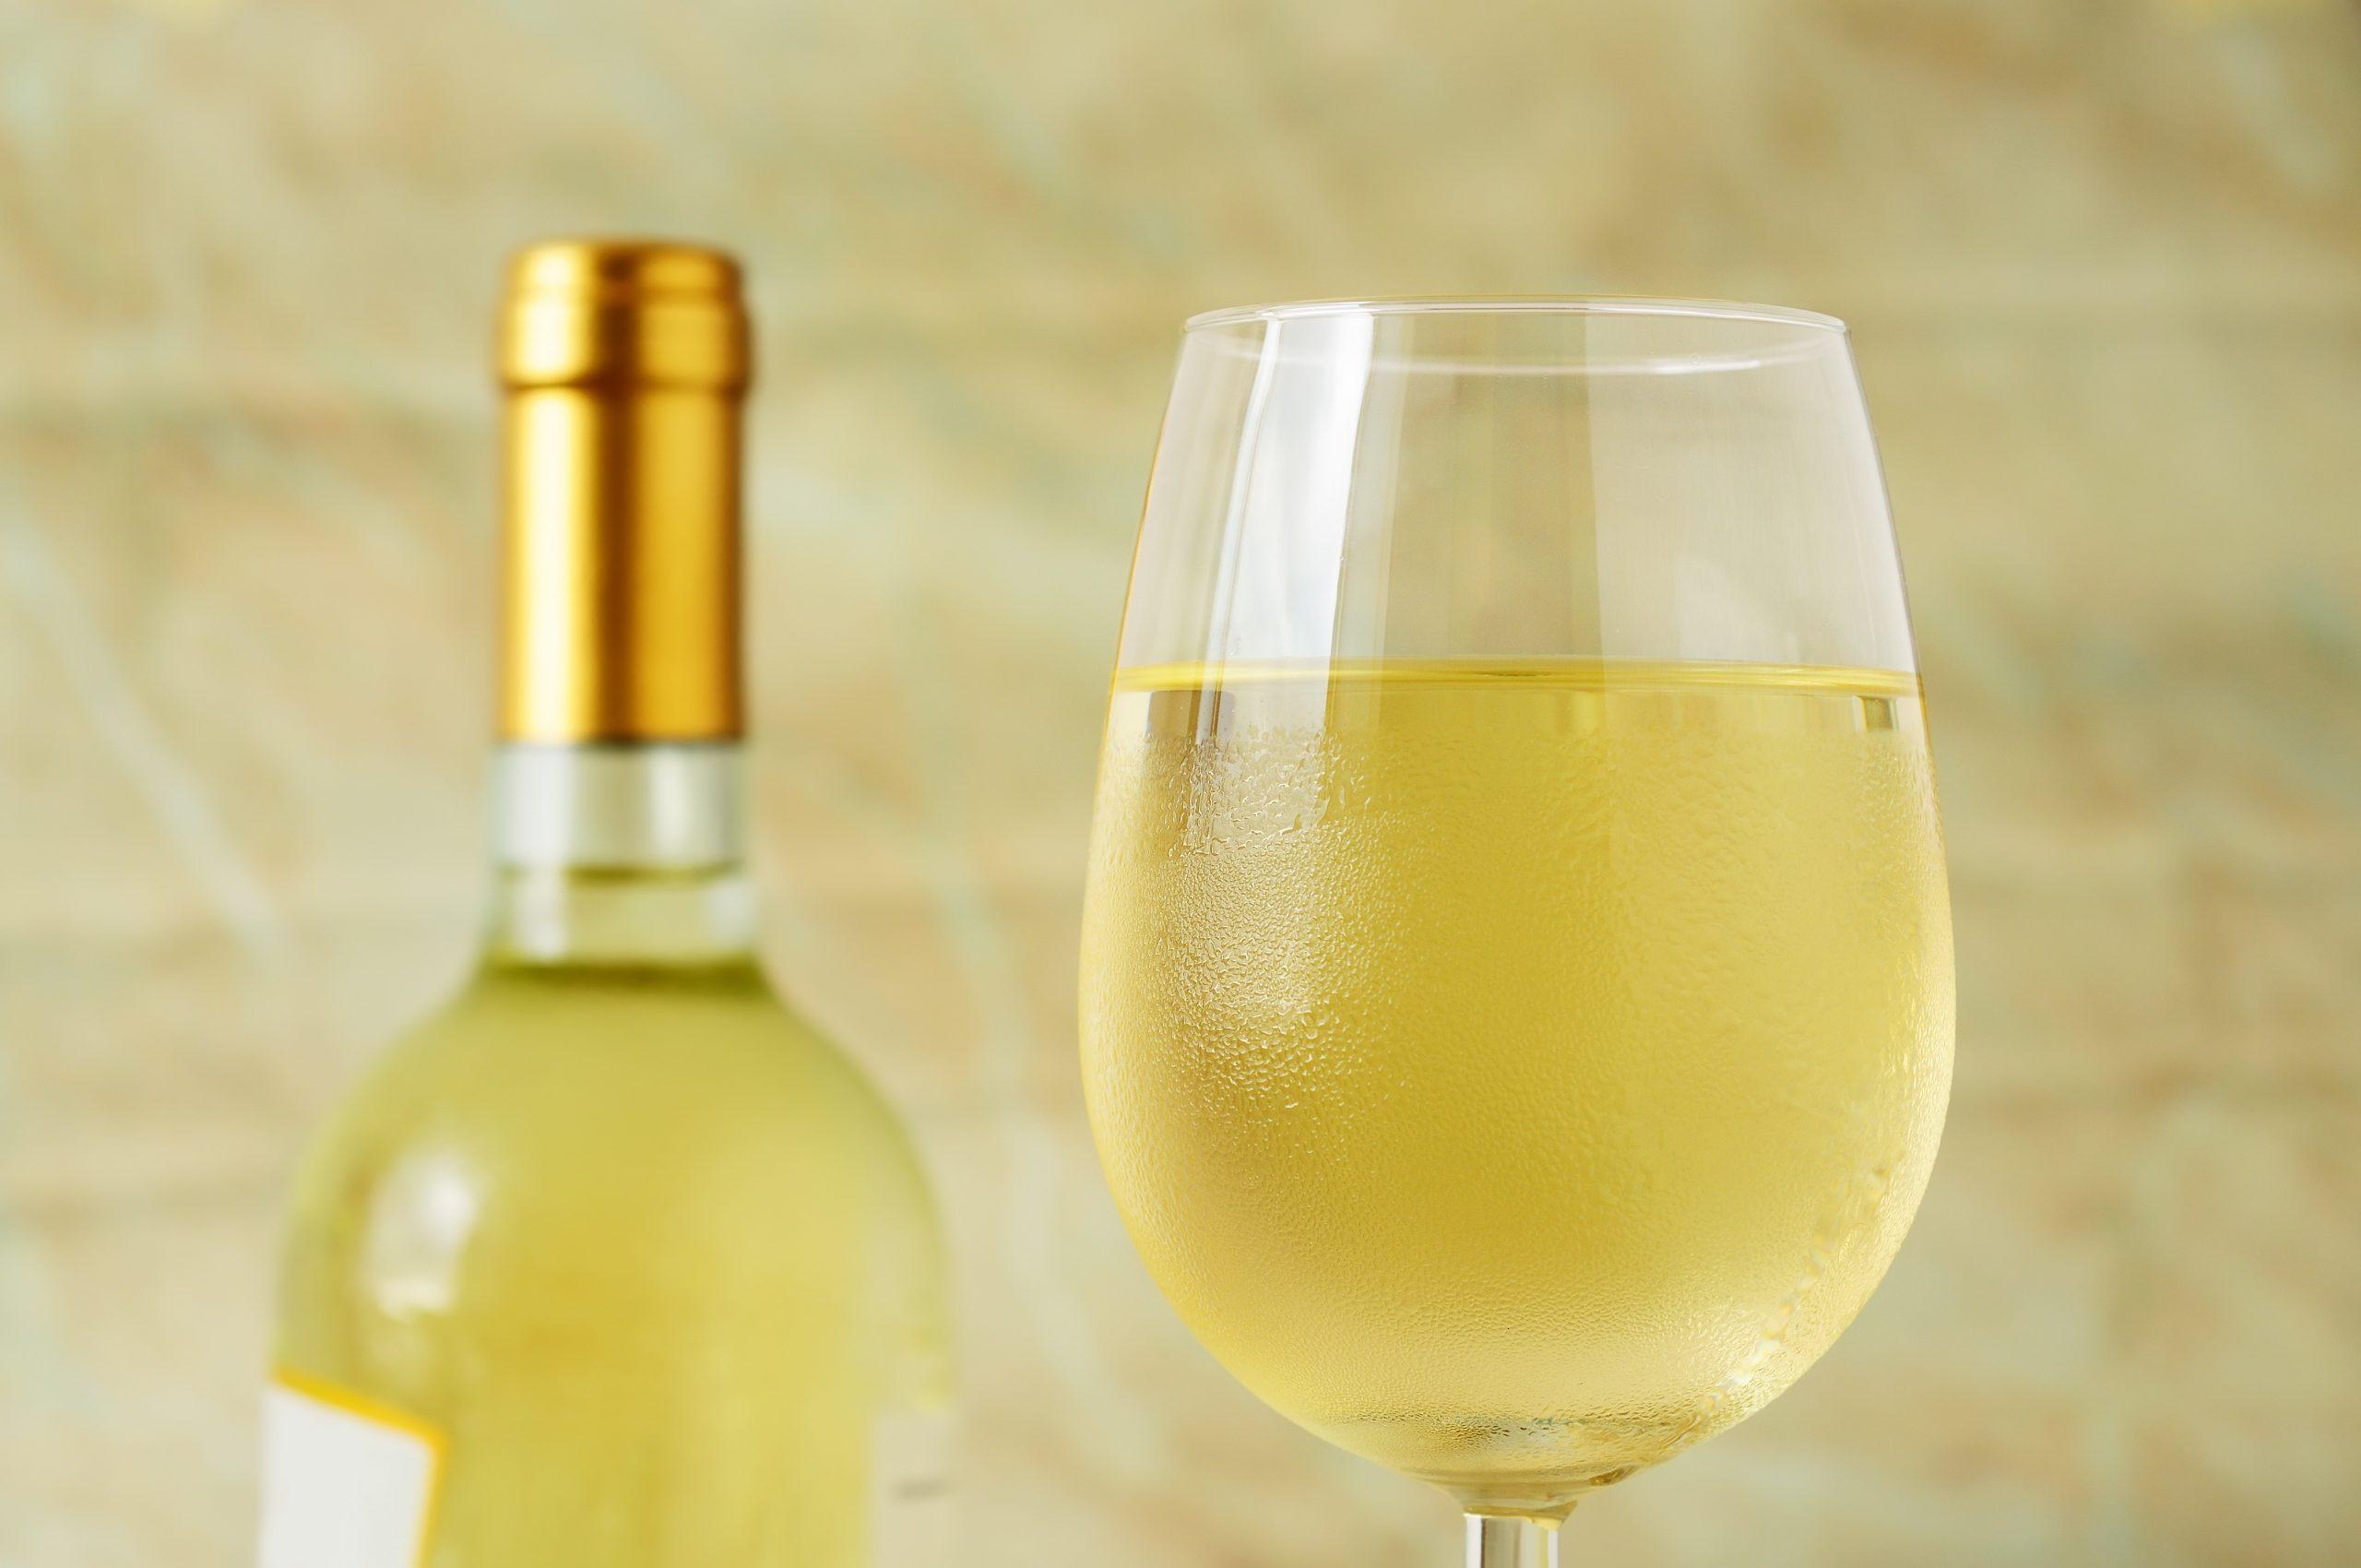 コスパ抜群で美味しいワインが飲みたい!おすすめのワイン10選をご紹介